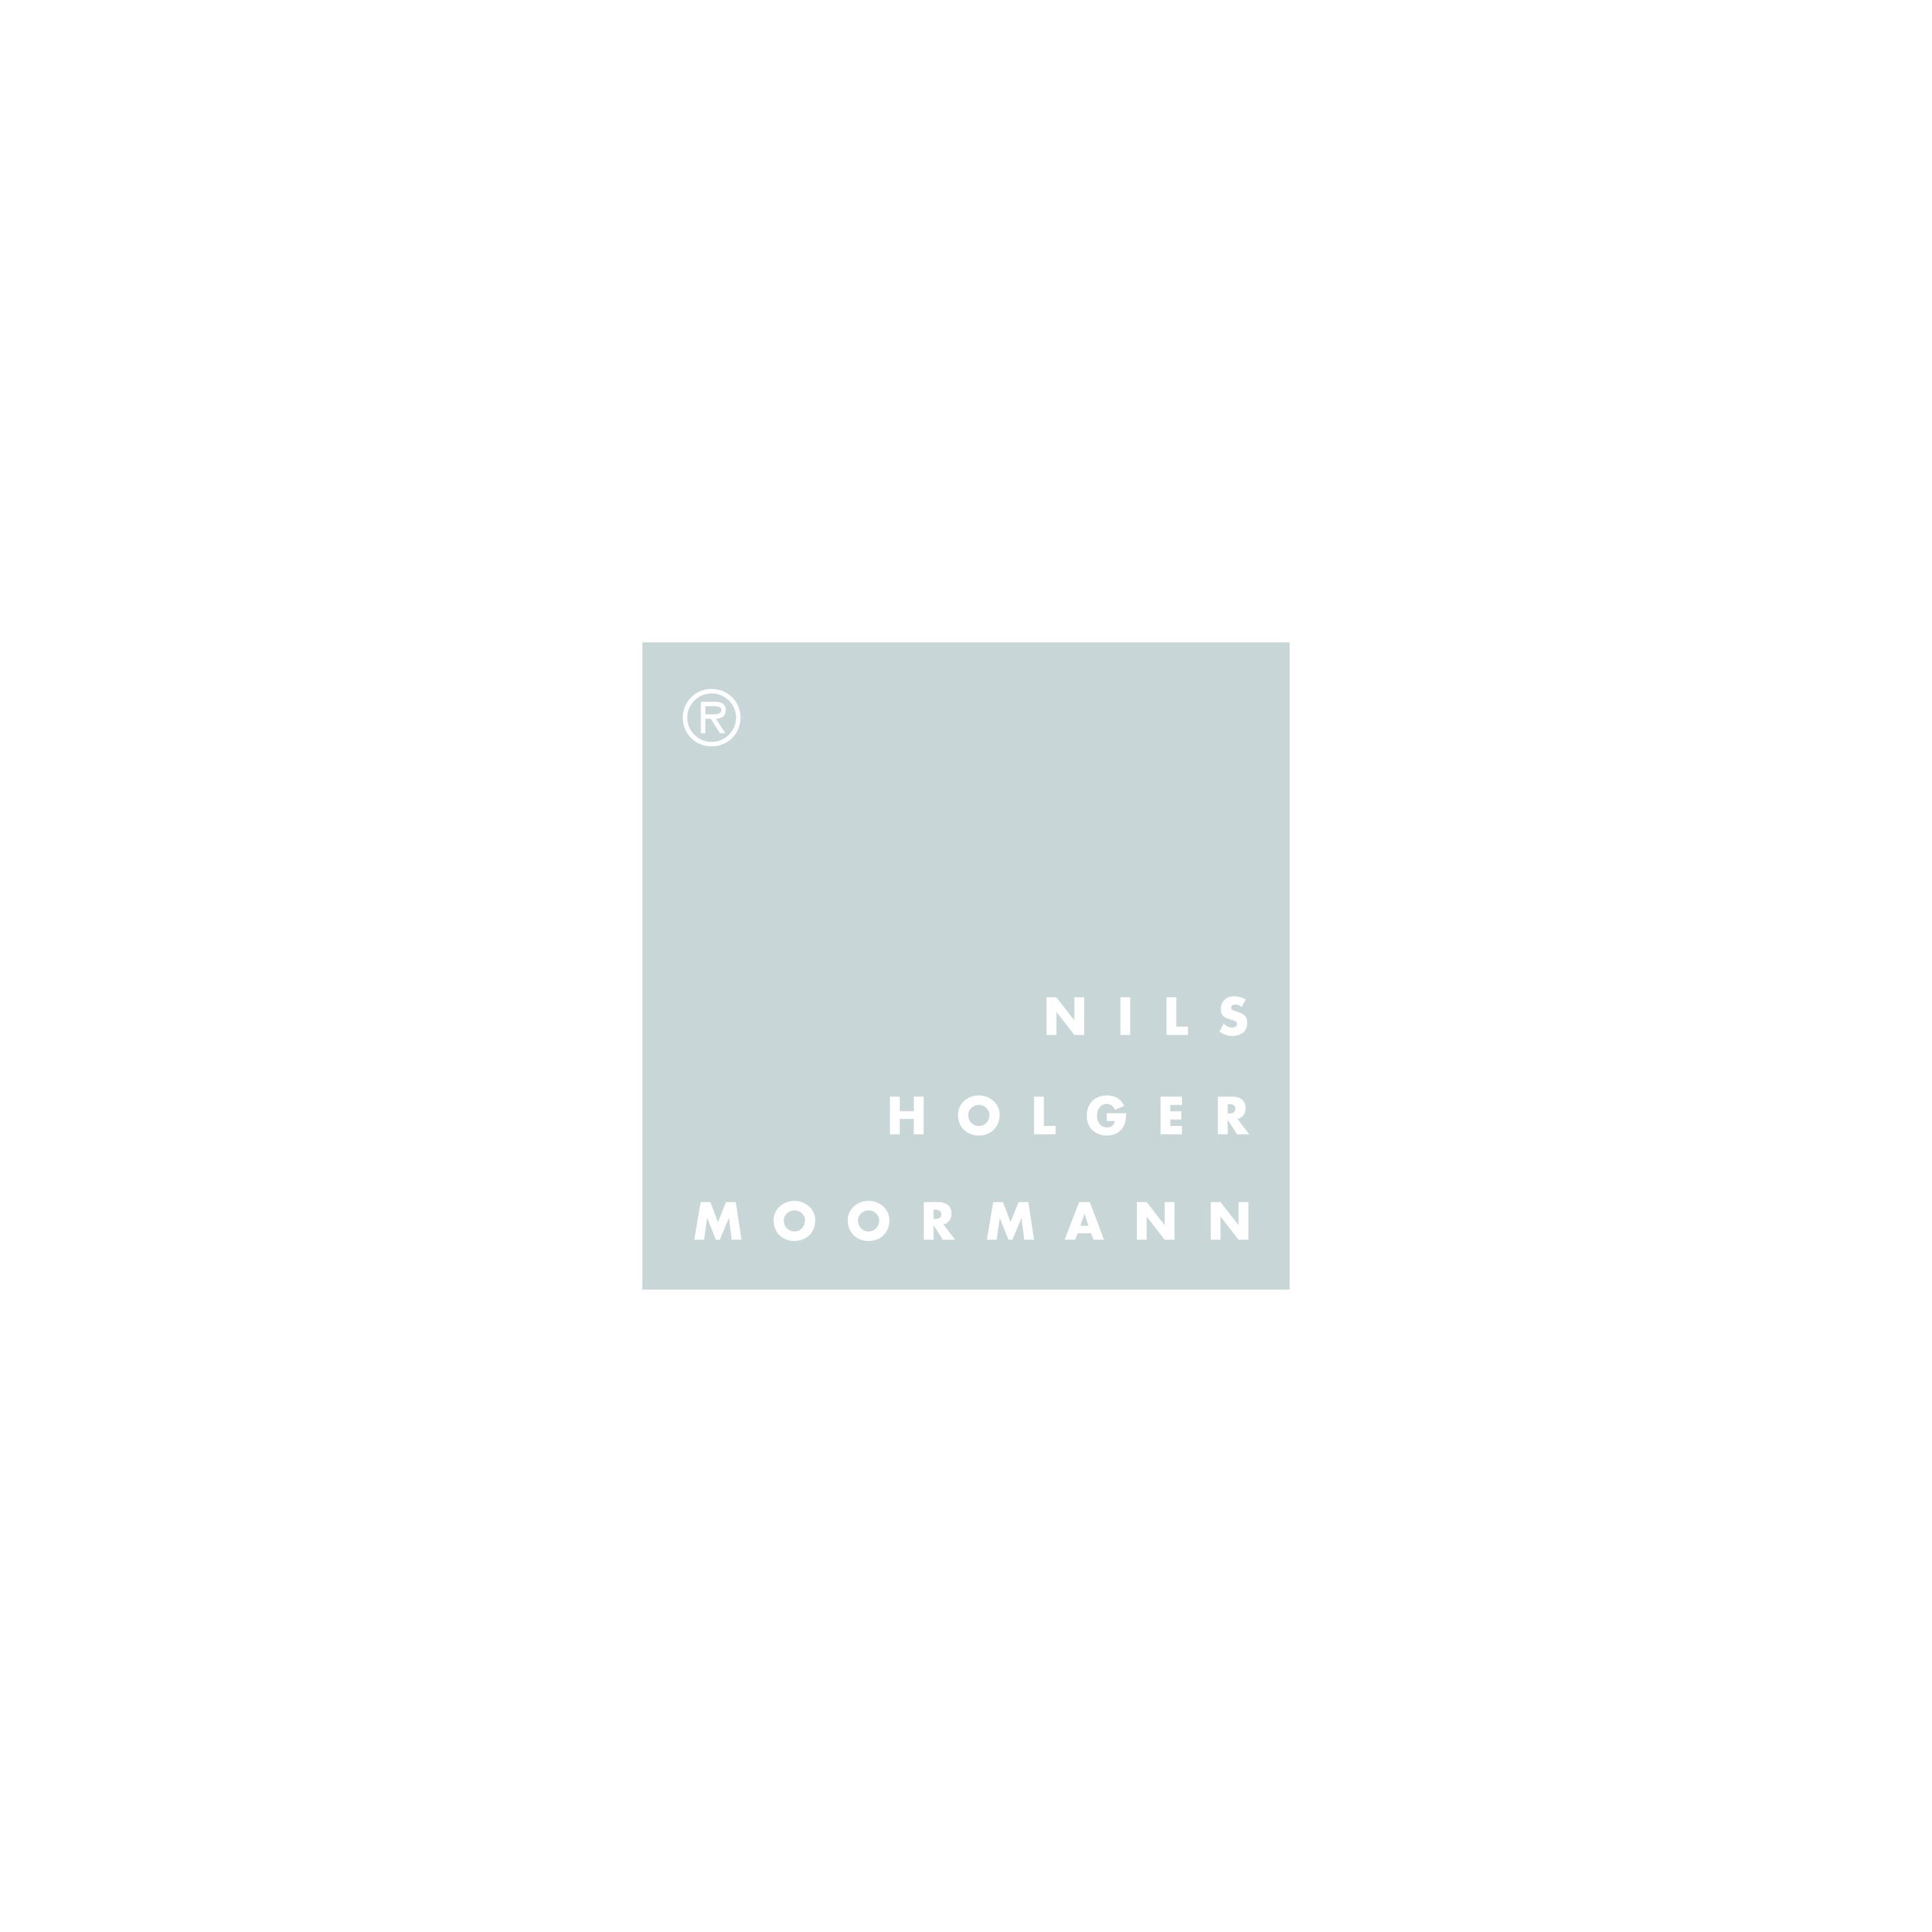 Nils Holger Moormann Berge k1